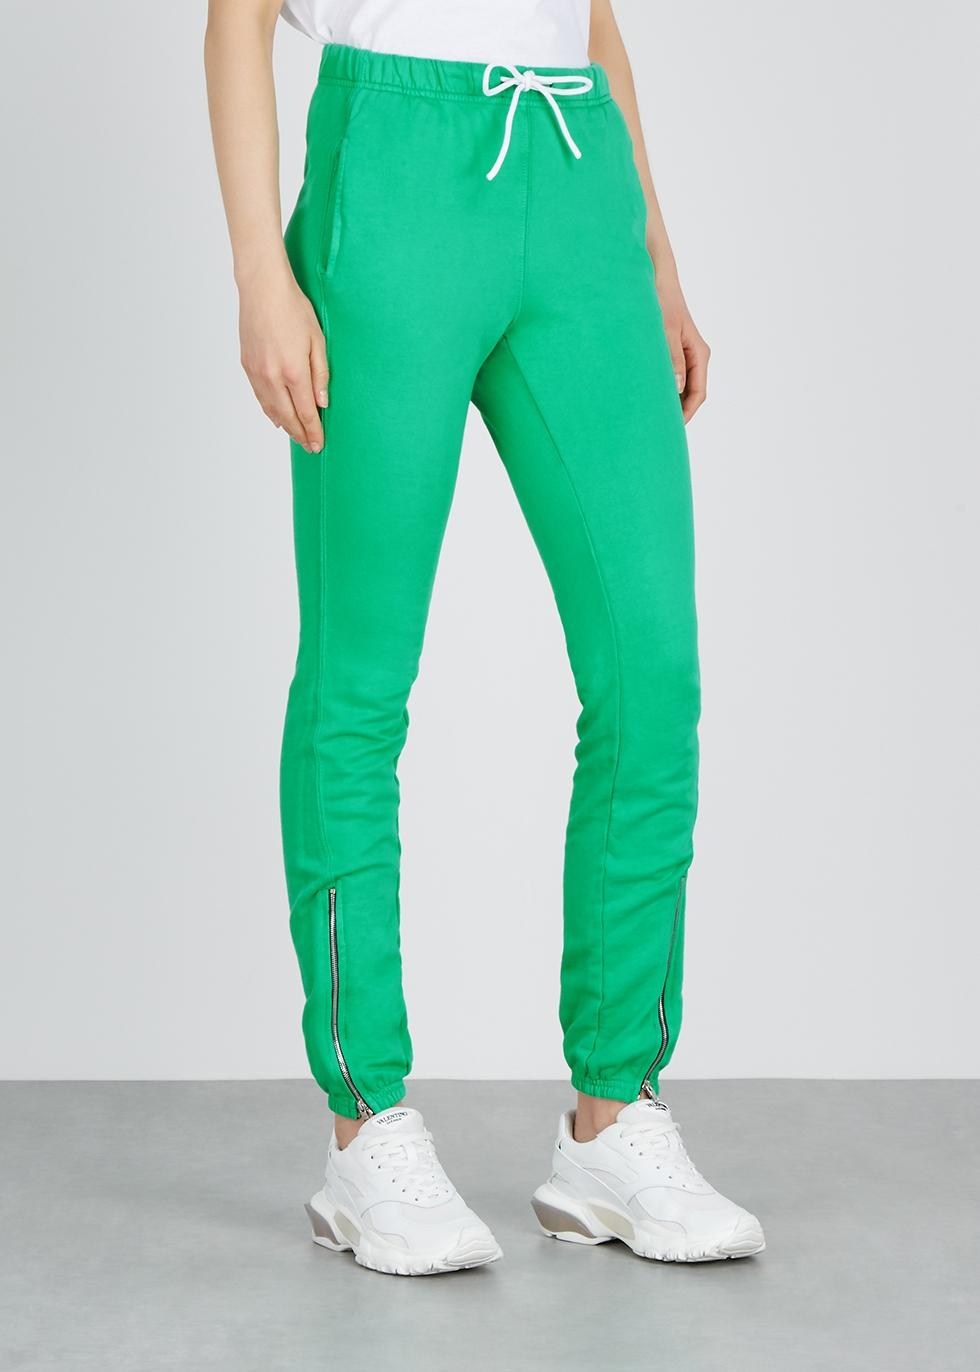 Milan green cotton-jersey sweatpants - Cotton Citizen